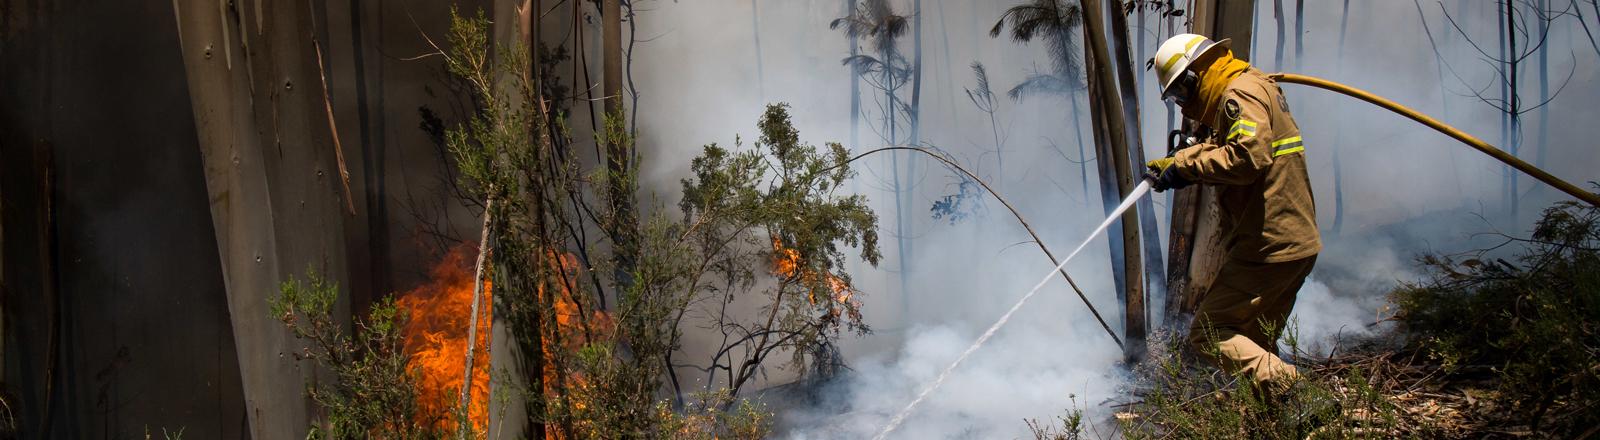 Feuerwehrmann in Portugal löscht einen Waldbrand